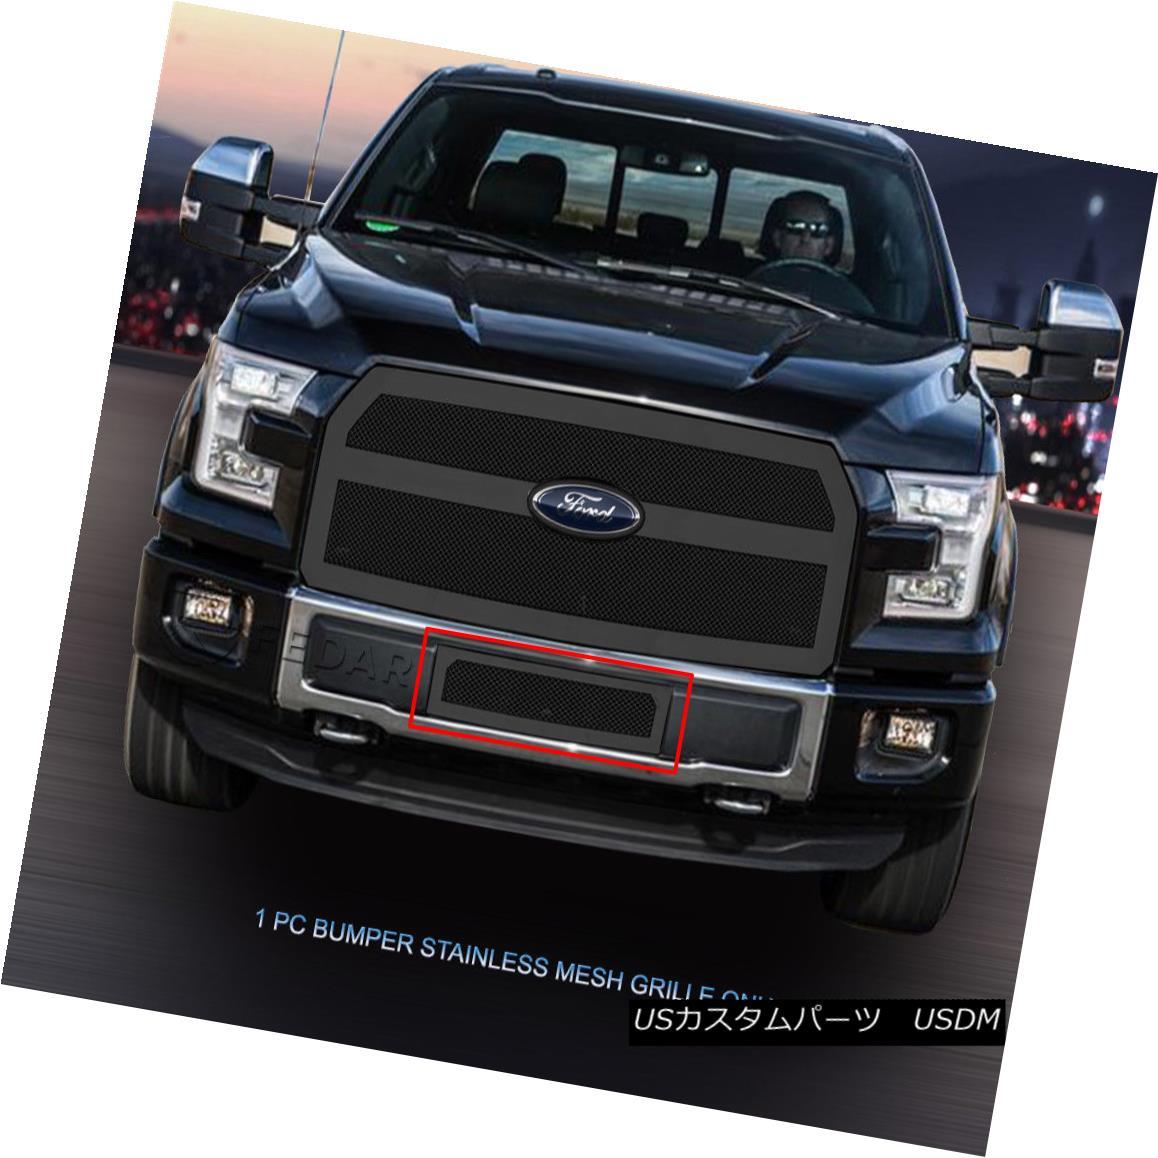 グリル Fedar Fits 2015-2017 Ford F-150 Ford F150 XLT V8 Wire Mesh Grille Combo Insert Fedar 2015-2017 Ford F-150 Ford F150 XLT V8ワイヤーメッシュグリルコンボインサート